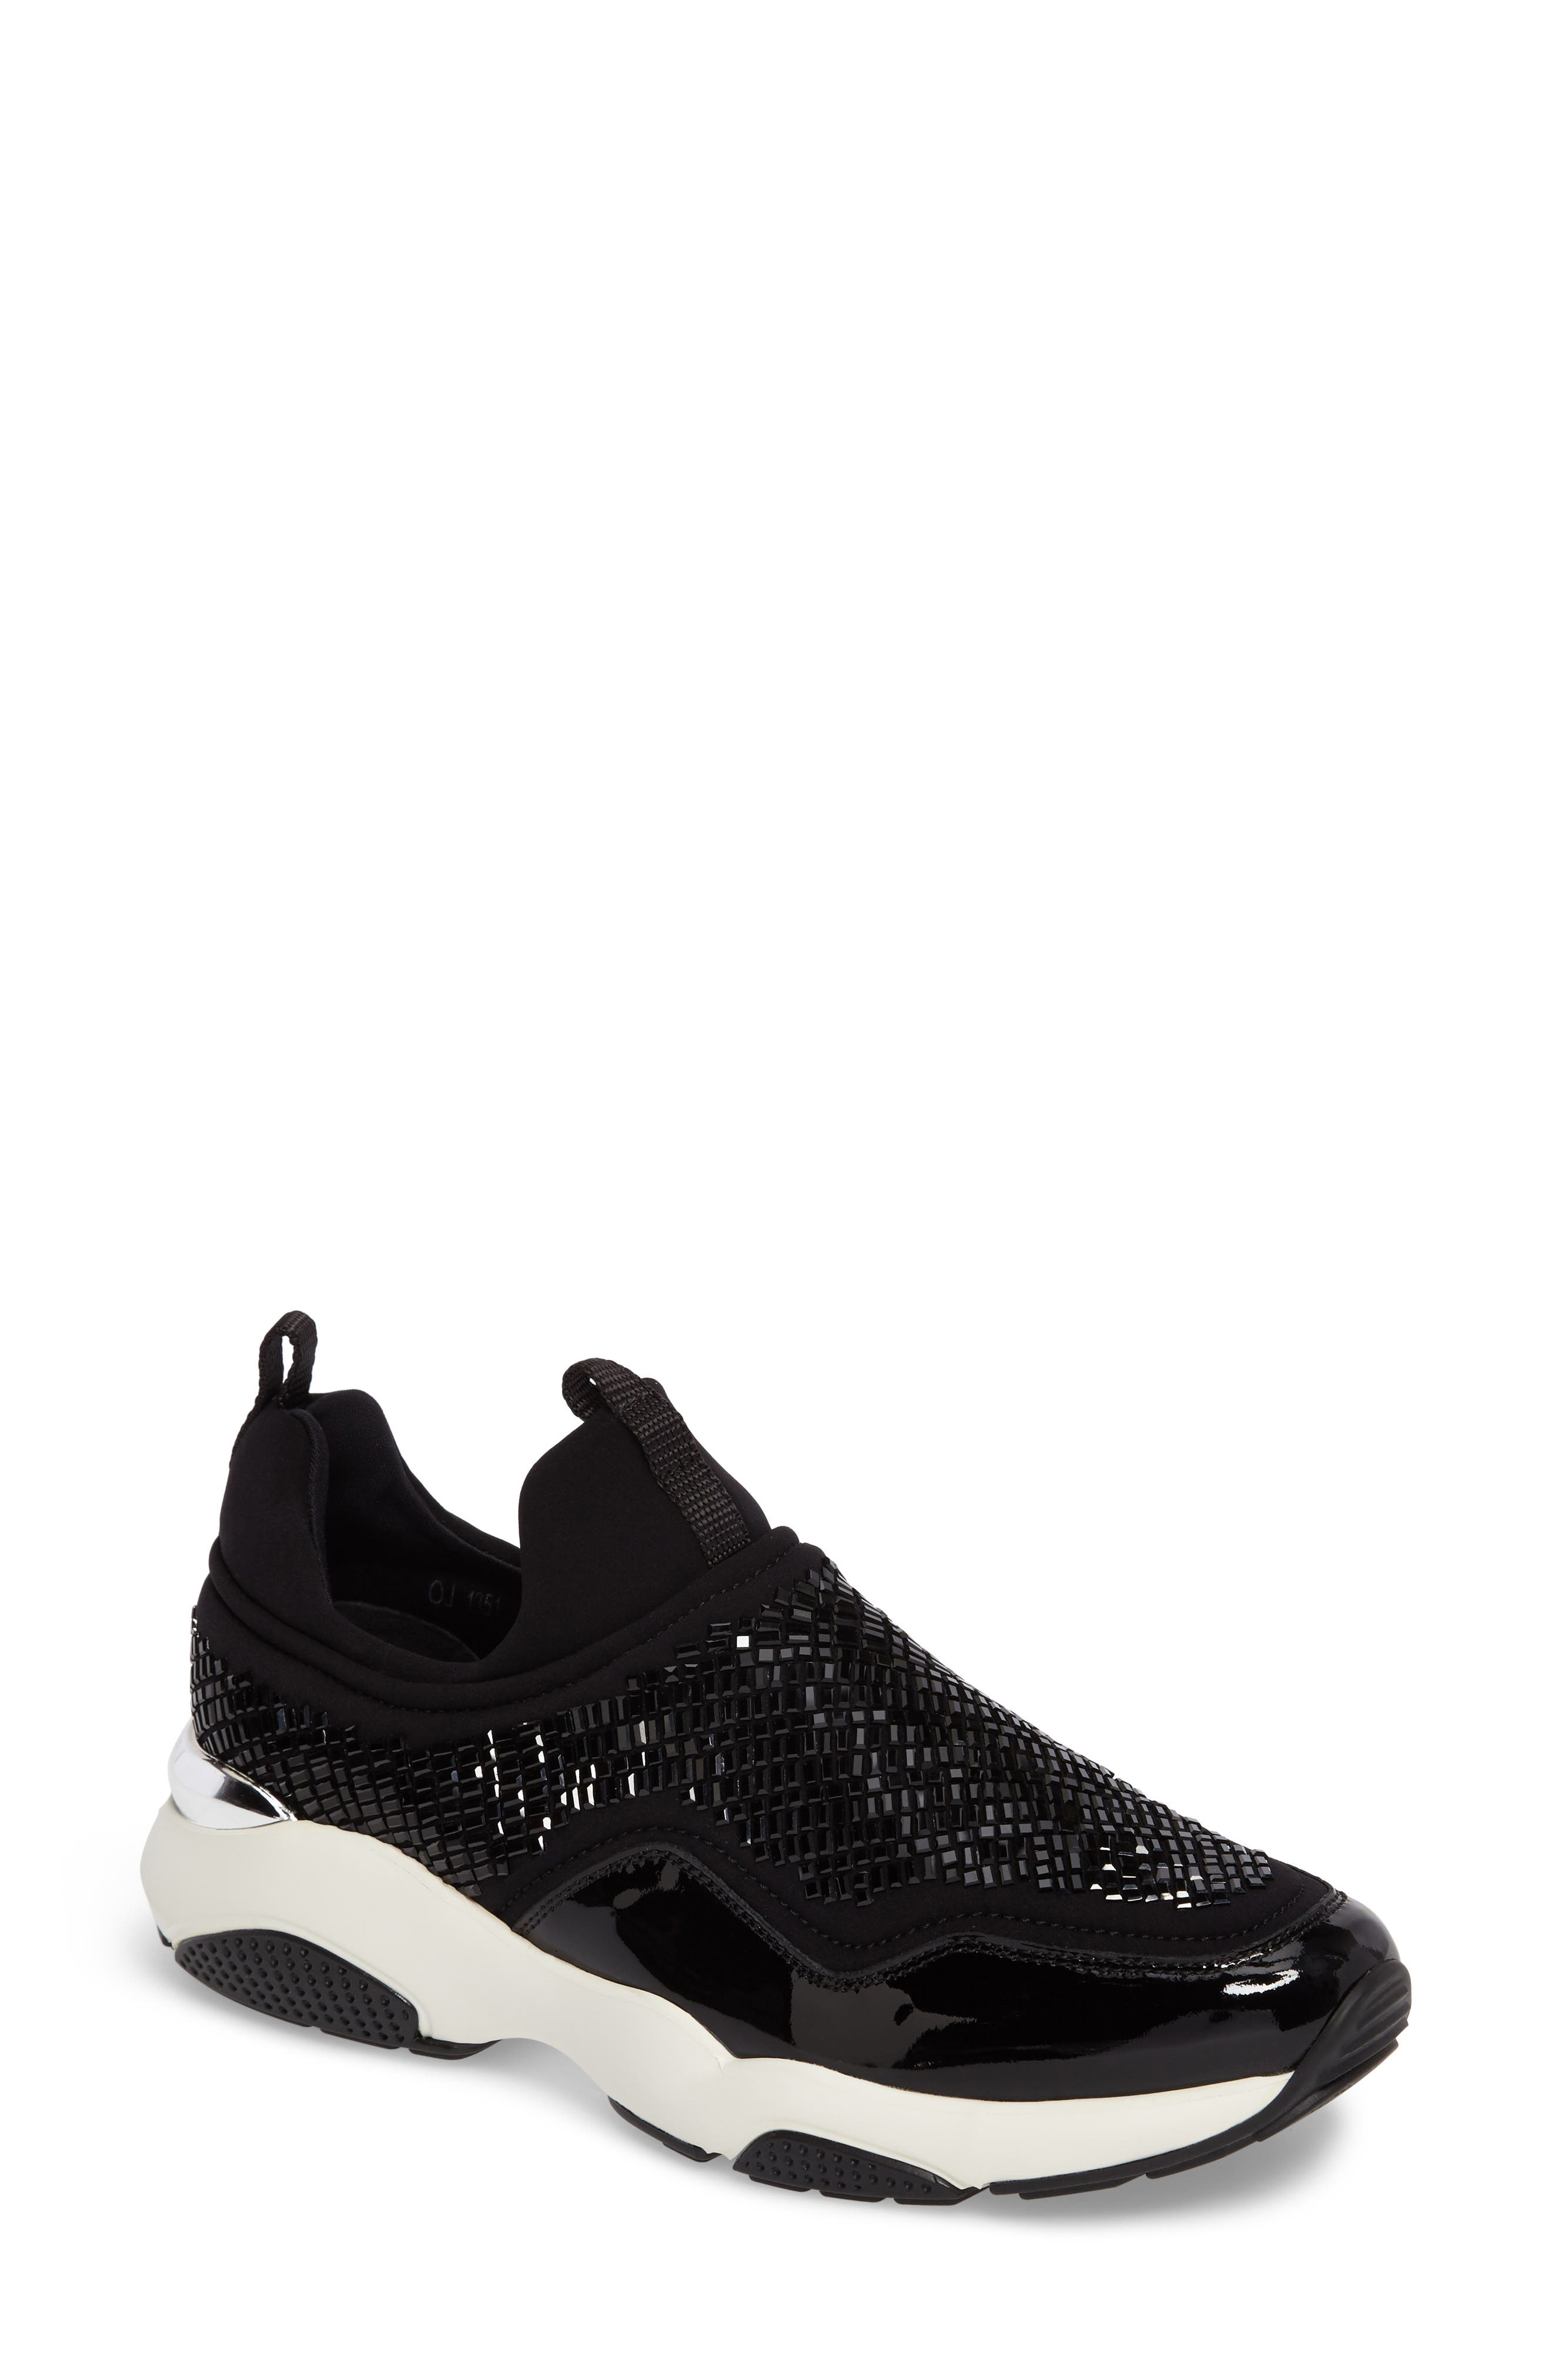 Salvatore Ferragmo Giolly Slip-On Sneaker,                         Main,                         color, 001